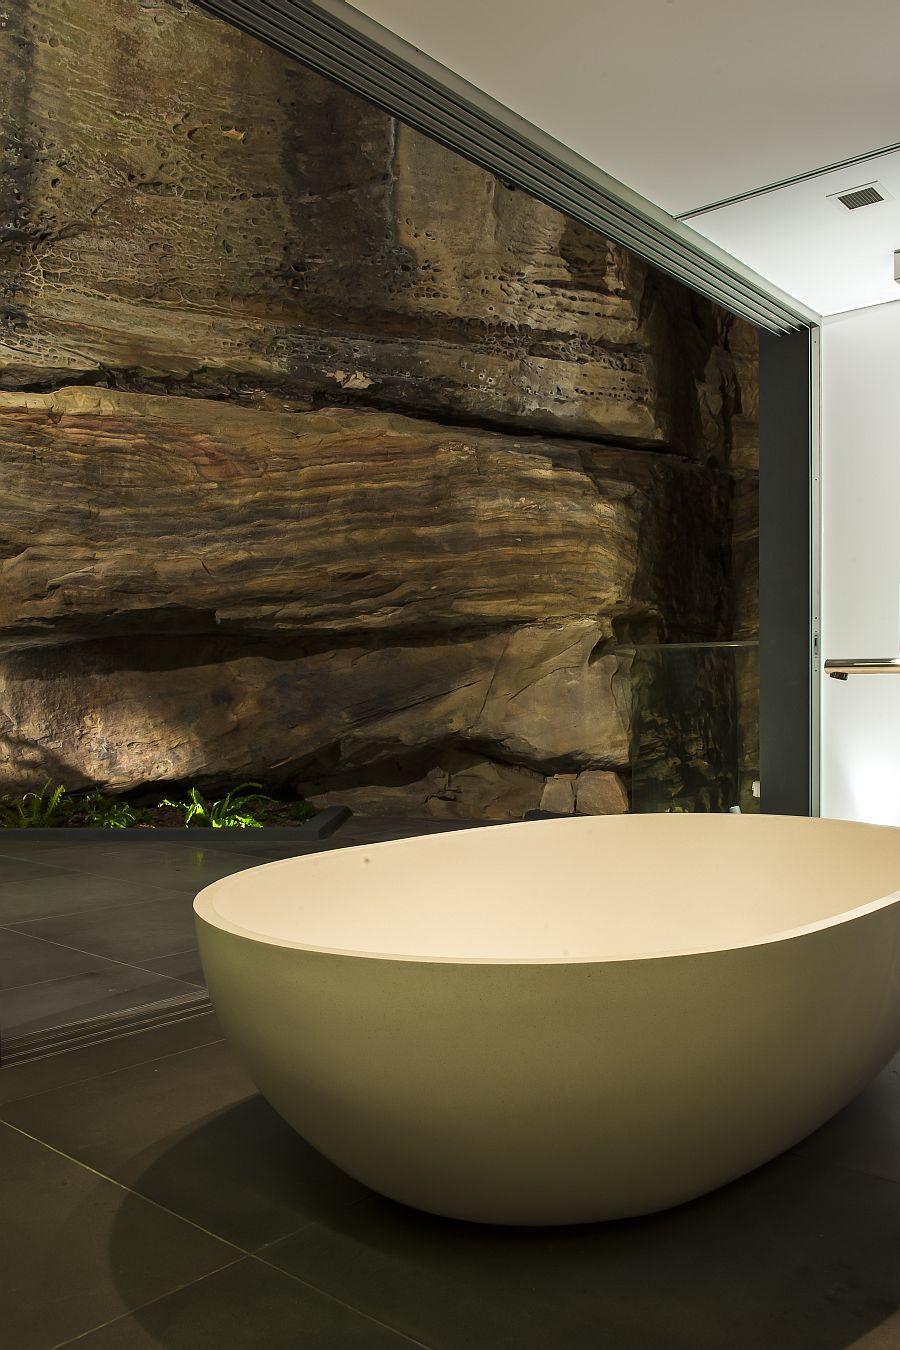 Contemporary Ensuite Bathroom With CuttingEdge Design in